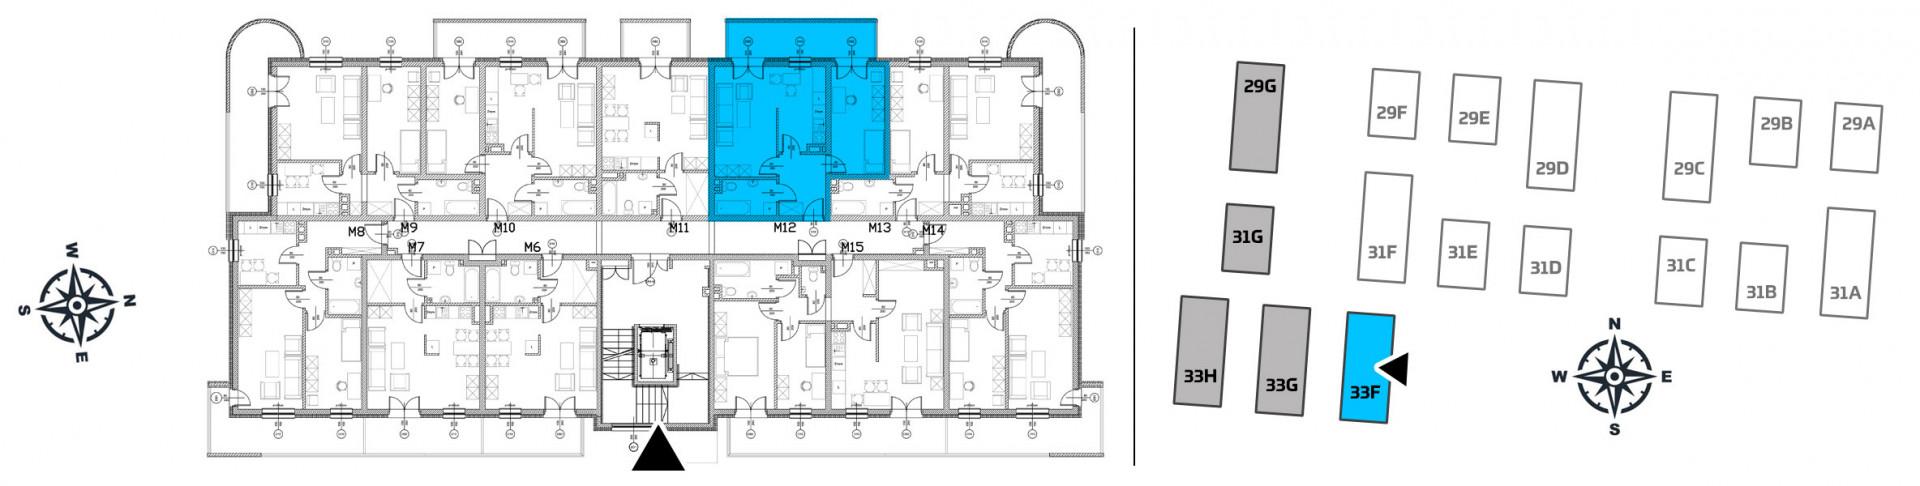 Mieszkanie dwupokojowe 33F/12 rzut 2